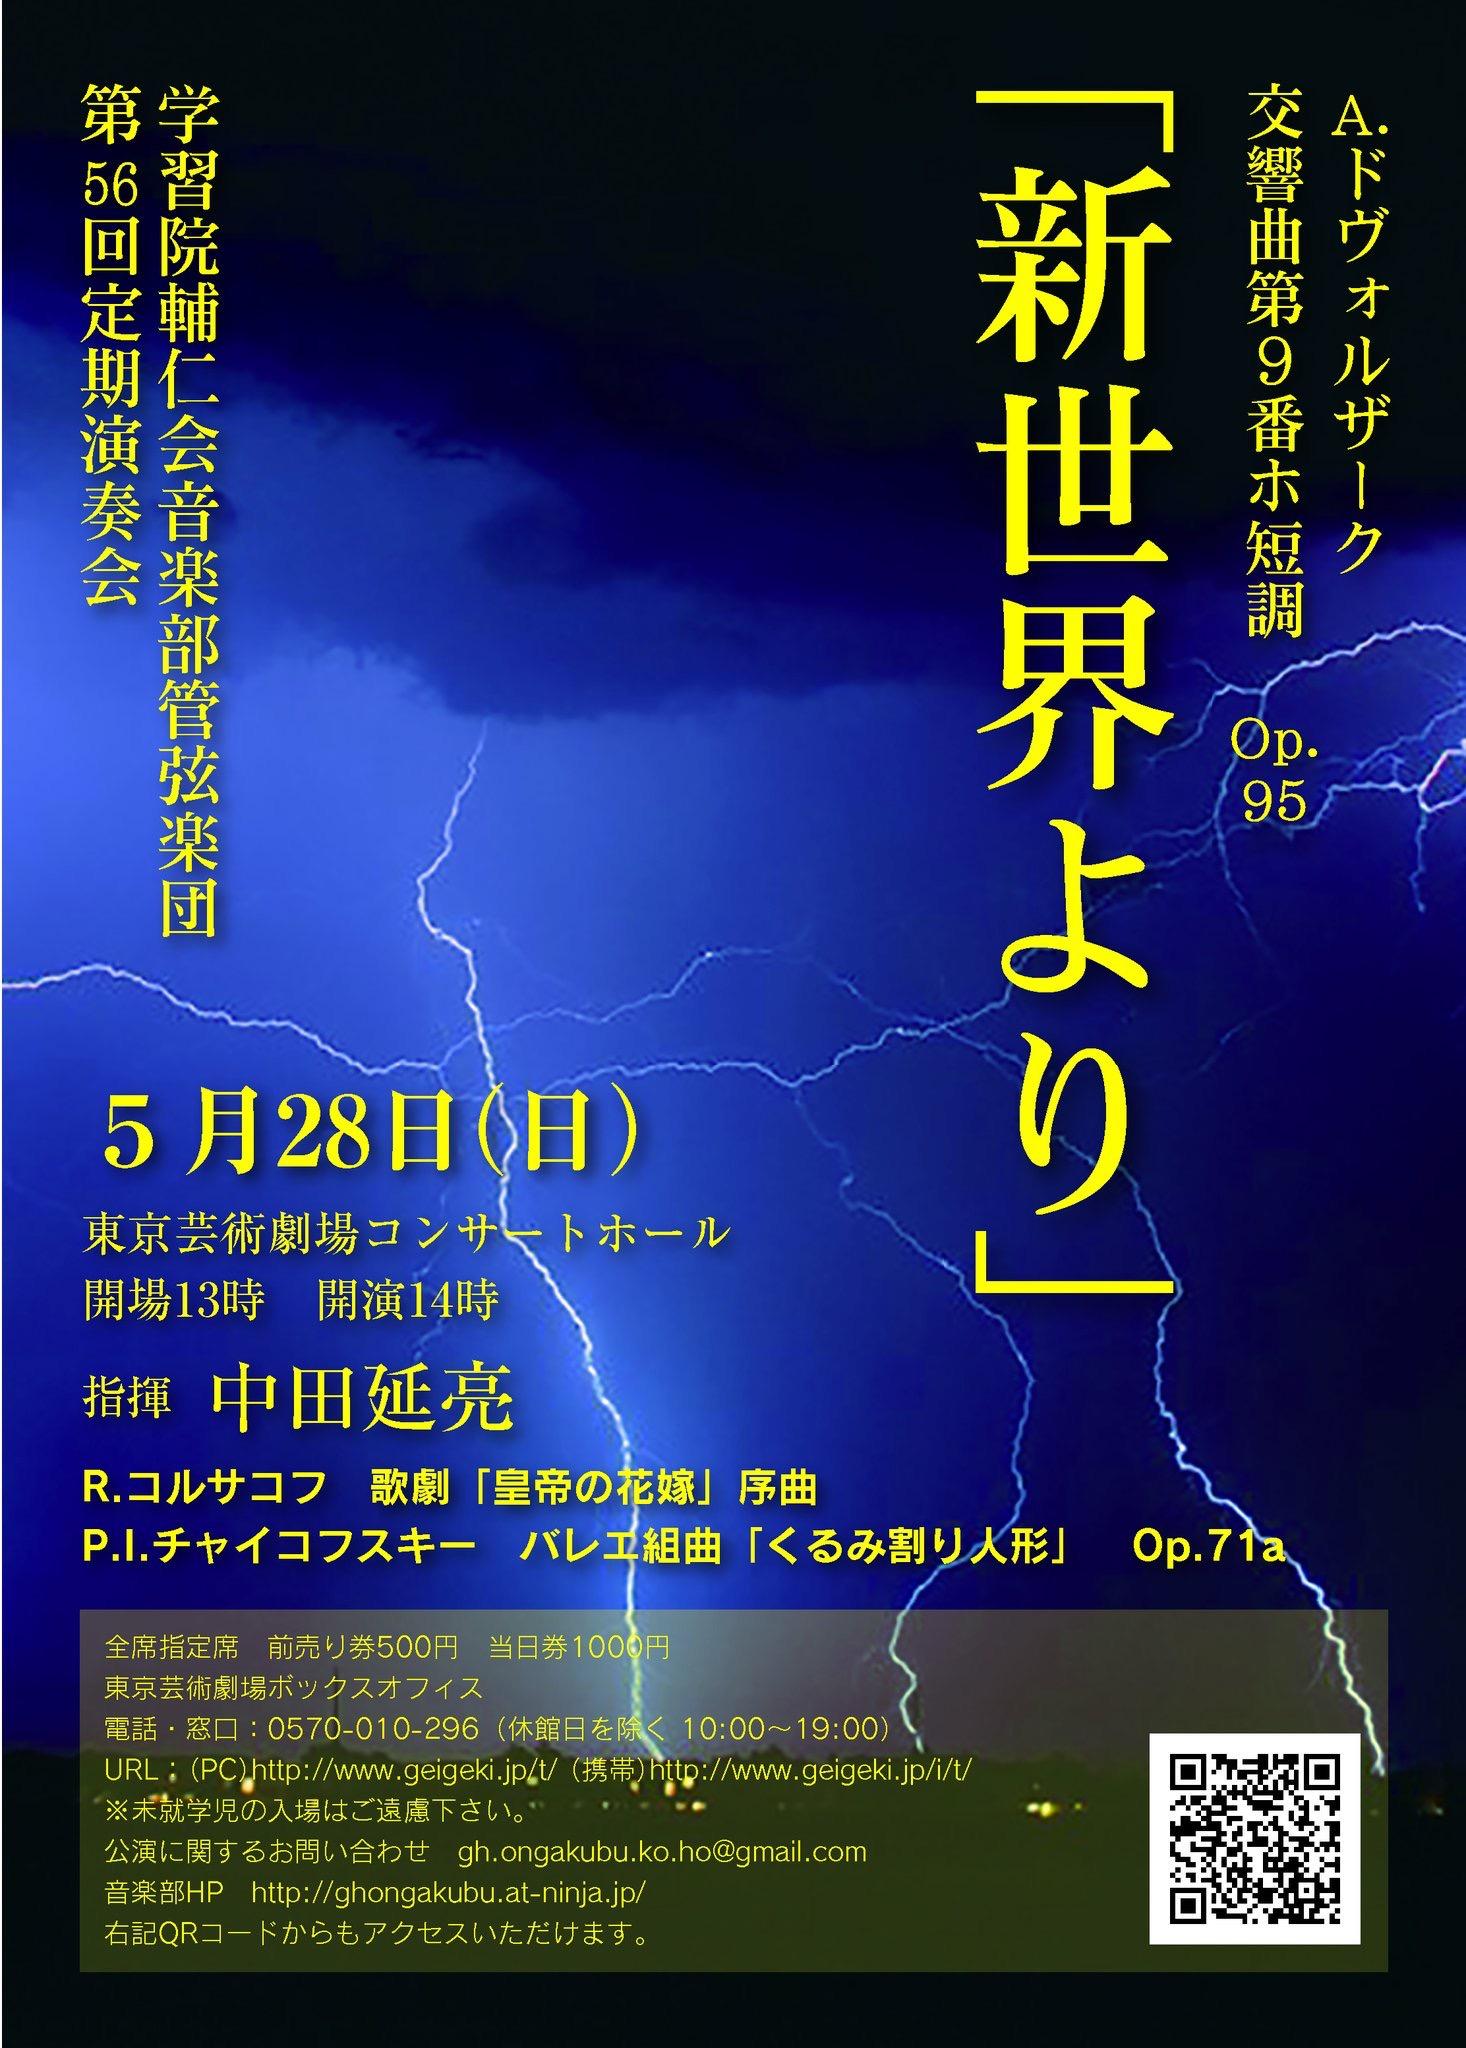 http://www.nobuakinakata.com/IMG_4181.JPG